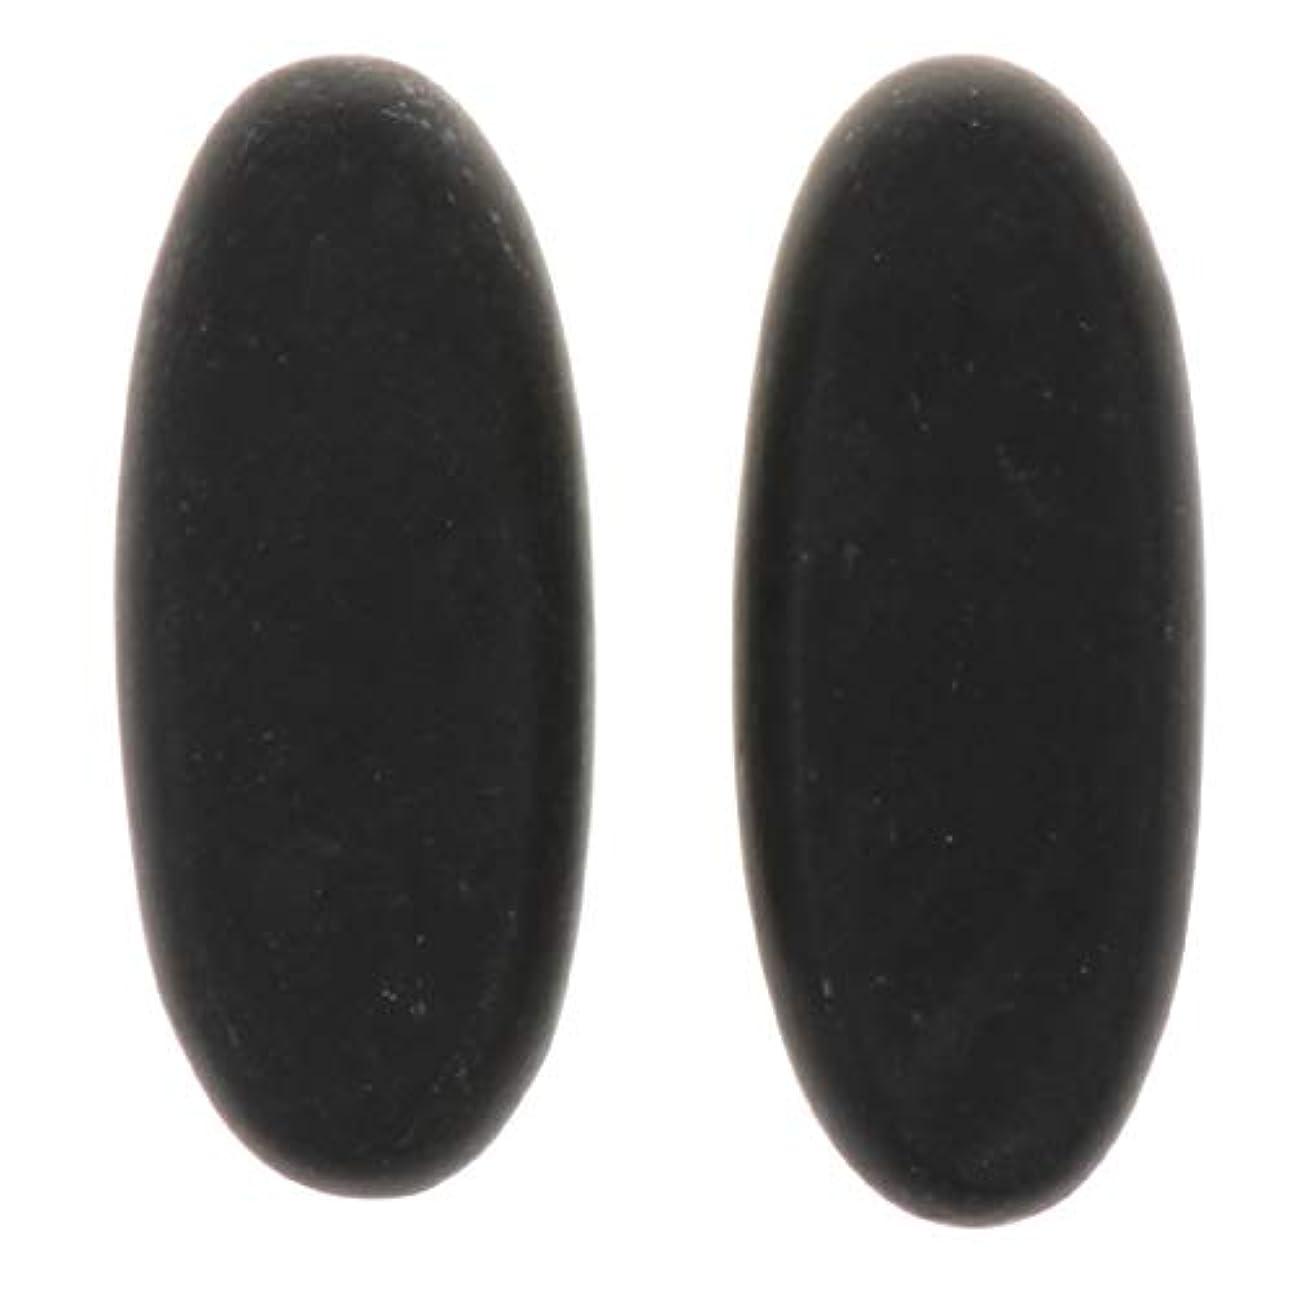 メーカー依存する期待マッサージストーン マッサージ石 天然石ホットストーン マッサージ用玄武岩 ツボ押し SPA 2個 全2サイズ - 8×3.2×1.5cm